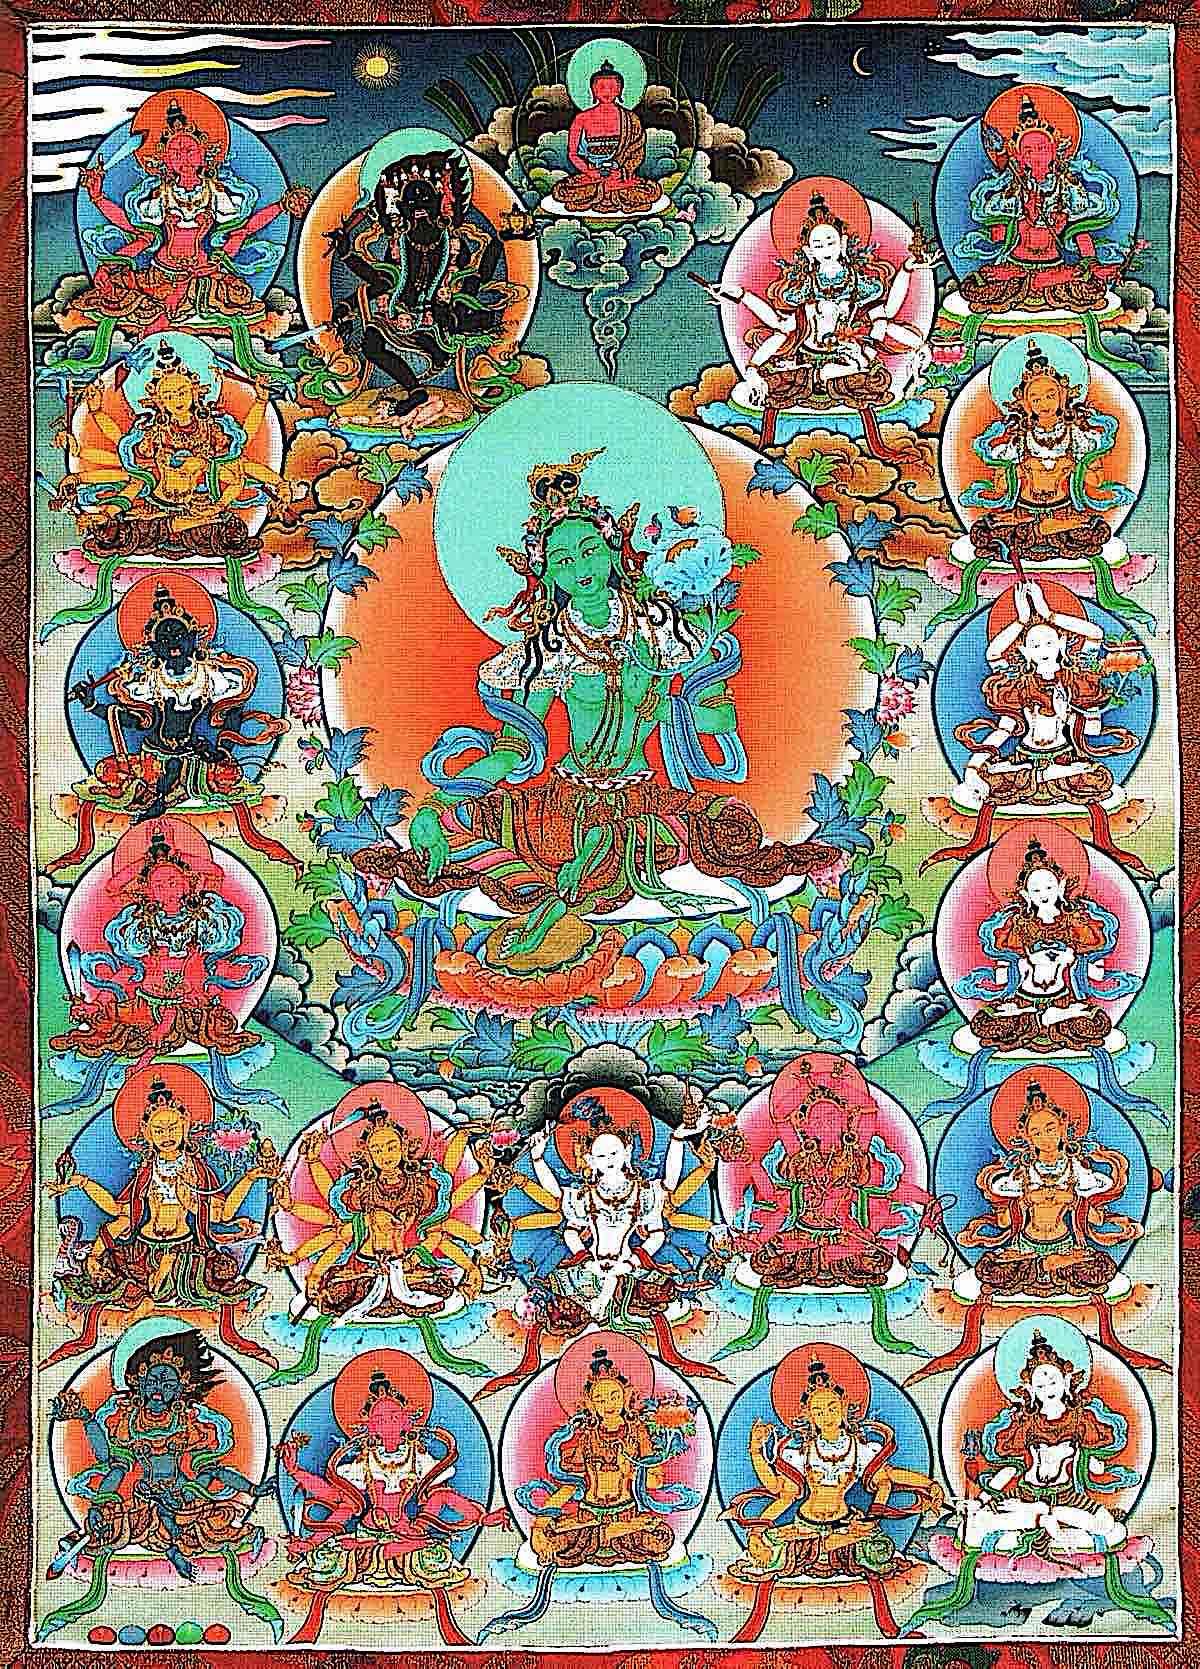 Buddha Weekly Buddha Weekly Surya Gupta Tara 001 Buddhism Buddhism